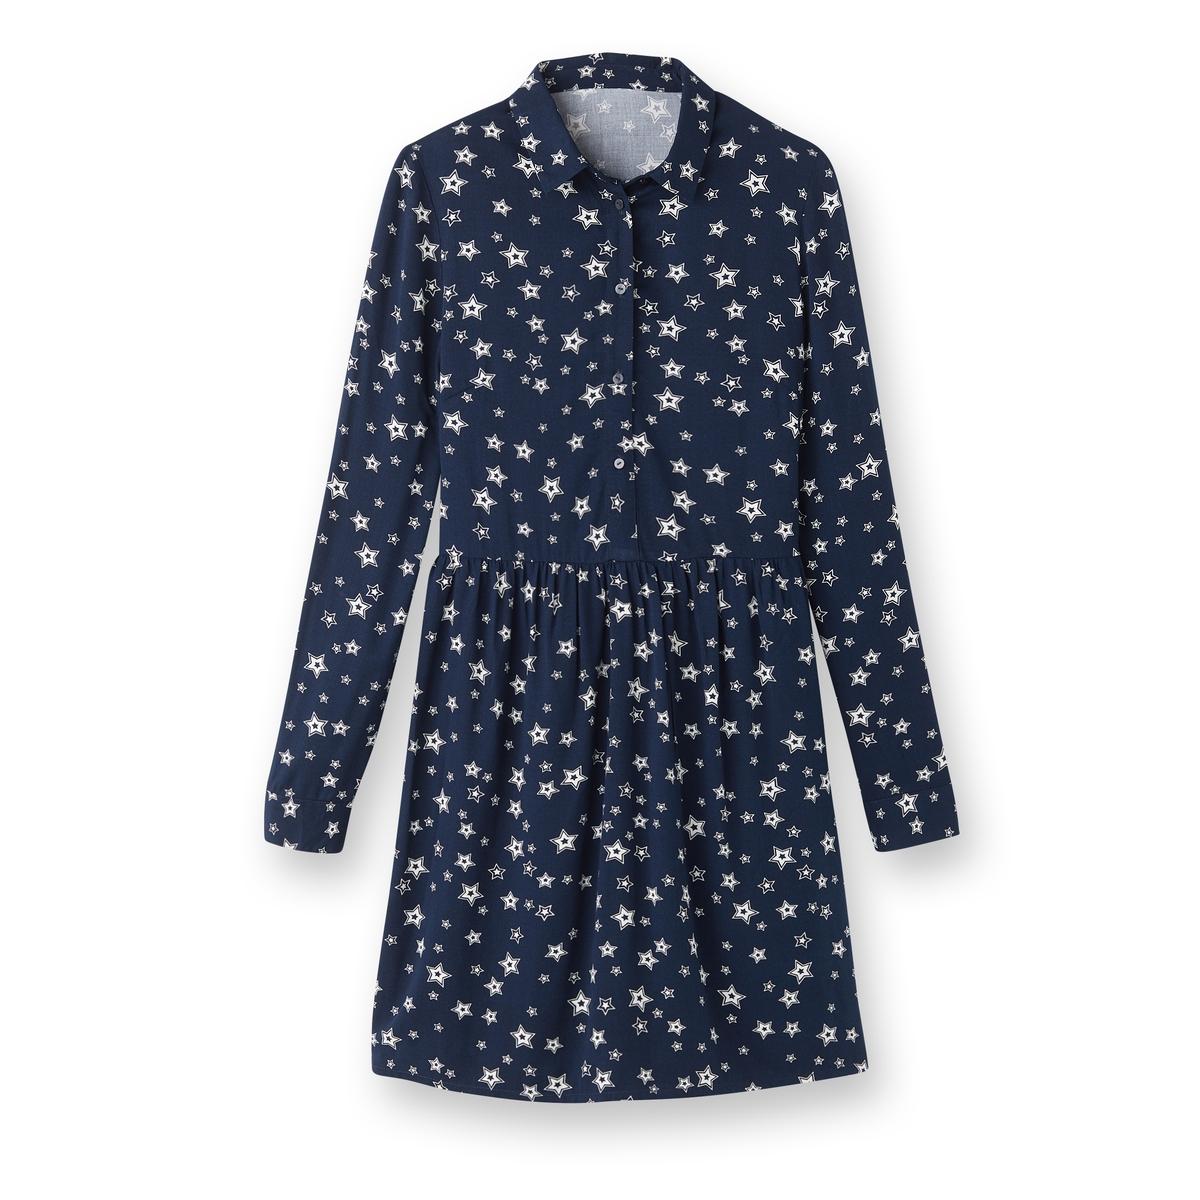 Платье-рубашка из вискозы с рисунком звездыДетали •  Форма : расклешенная •  Длина до колен •  Длинные рукава     •  Воротник-поло, рубашечный  •  Рисунок-принтСостав и уход •  33% вискозы, 5% эластана, 62% полиэстера •  Температура стирки 30°   •  Сухая чистка и отбеливание запрещены    •  Не использовать барабанную сушку   •  Низкая температура глажки<br><br>Цвет: рисунок/фон темно-синий<br>Размер: 44 (FR) - 50 (RUS).40 (FR) - 46 (RUS).50 (FR) - 56 (RUS).36 (FR) - 42 (RUS).38 (FR) - 44 (RUS)